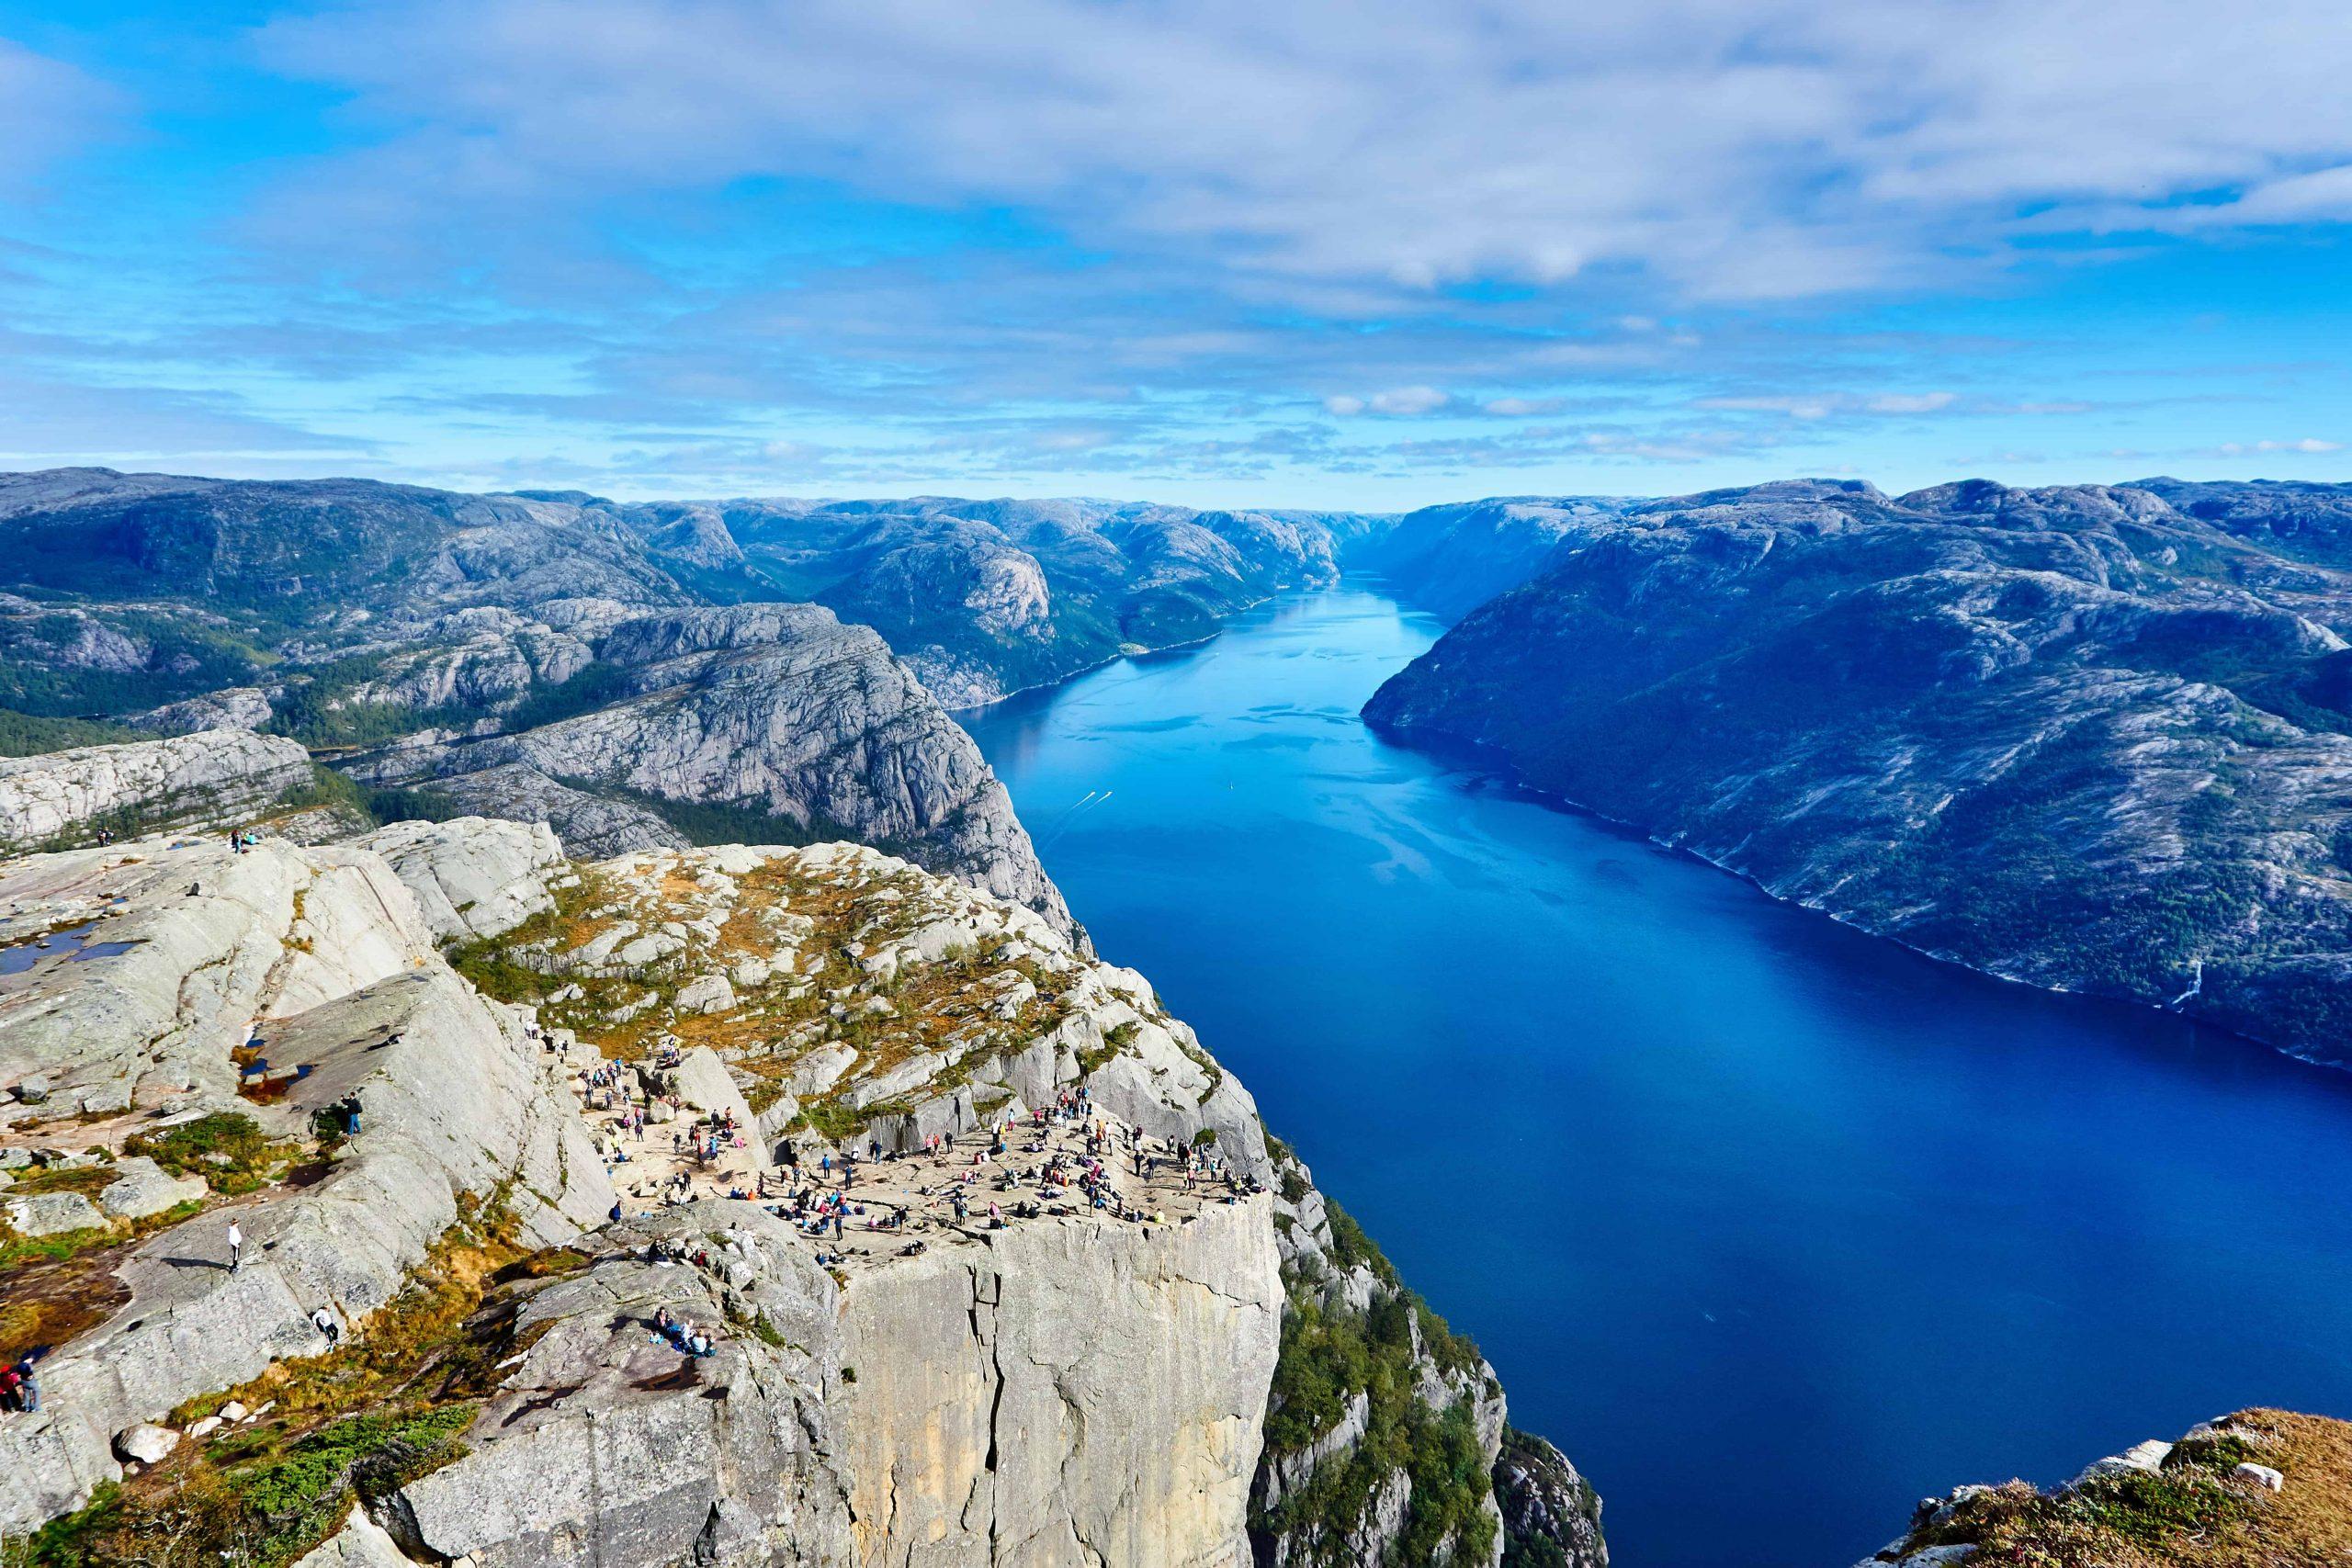 La falaise du Preikestolen en Norvège